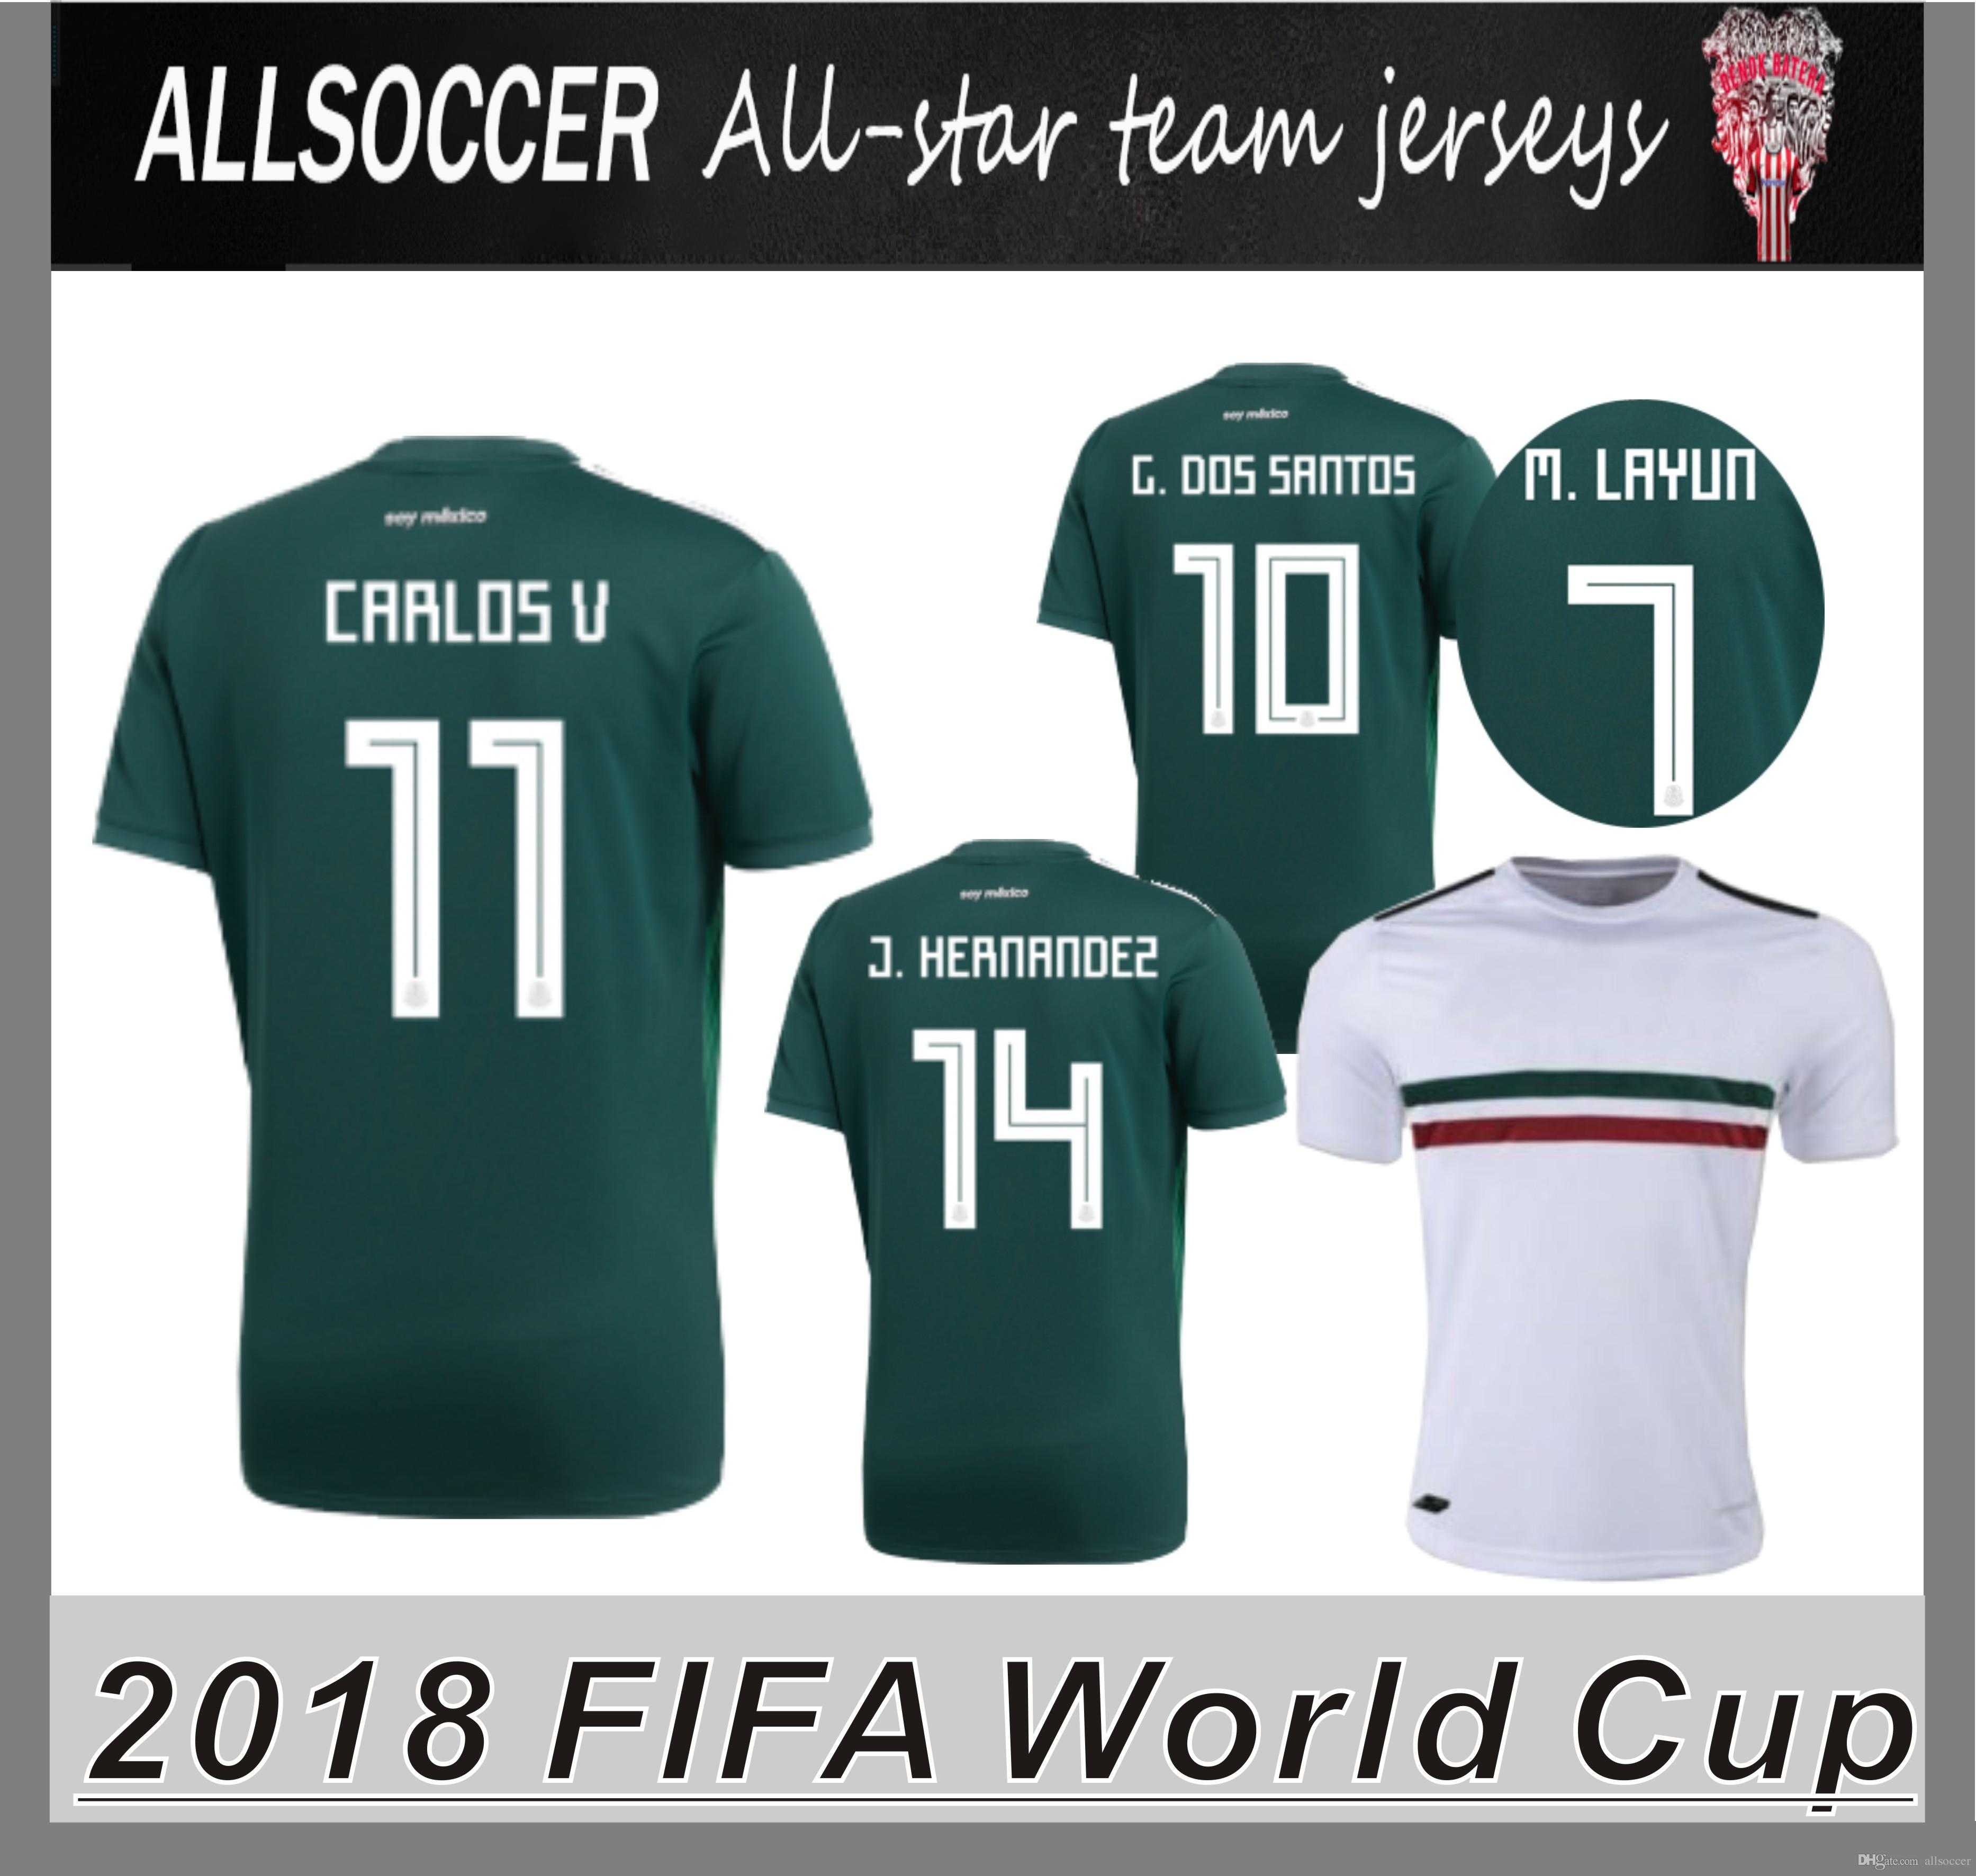 c50755038 2019 TOP QUALITY 2018 World Cup Jerseys Mexico SOCCER JERSEYS MARQUEZ  Chicharito Miguel Layun Hector Herrera Giovani Dos Santos Carlos Vela From  Allsoccer